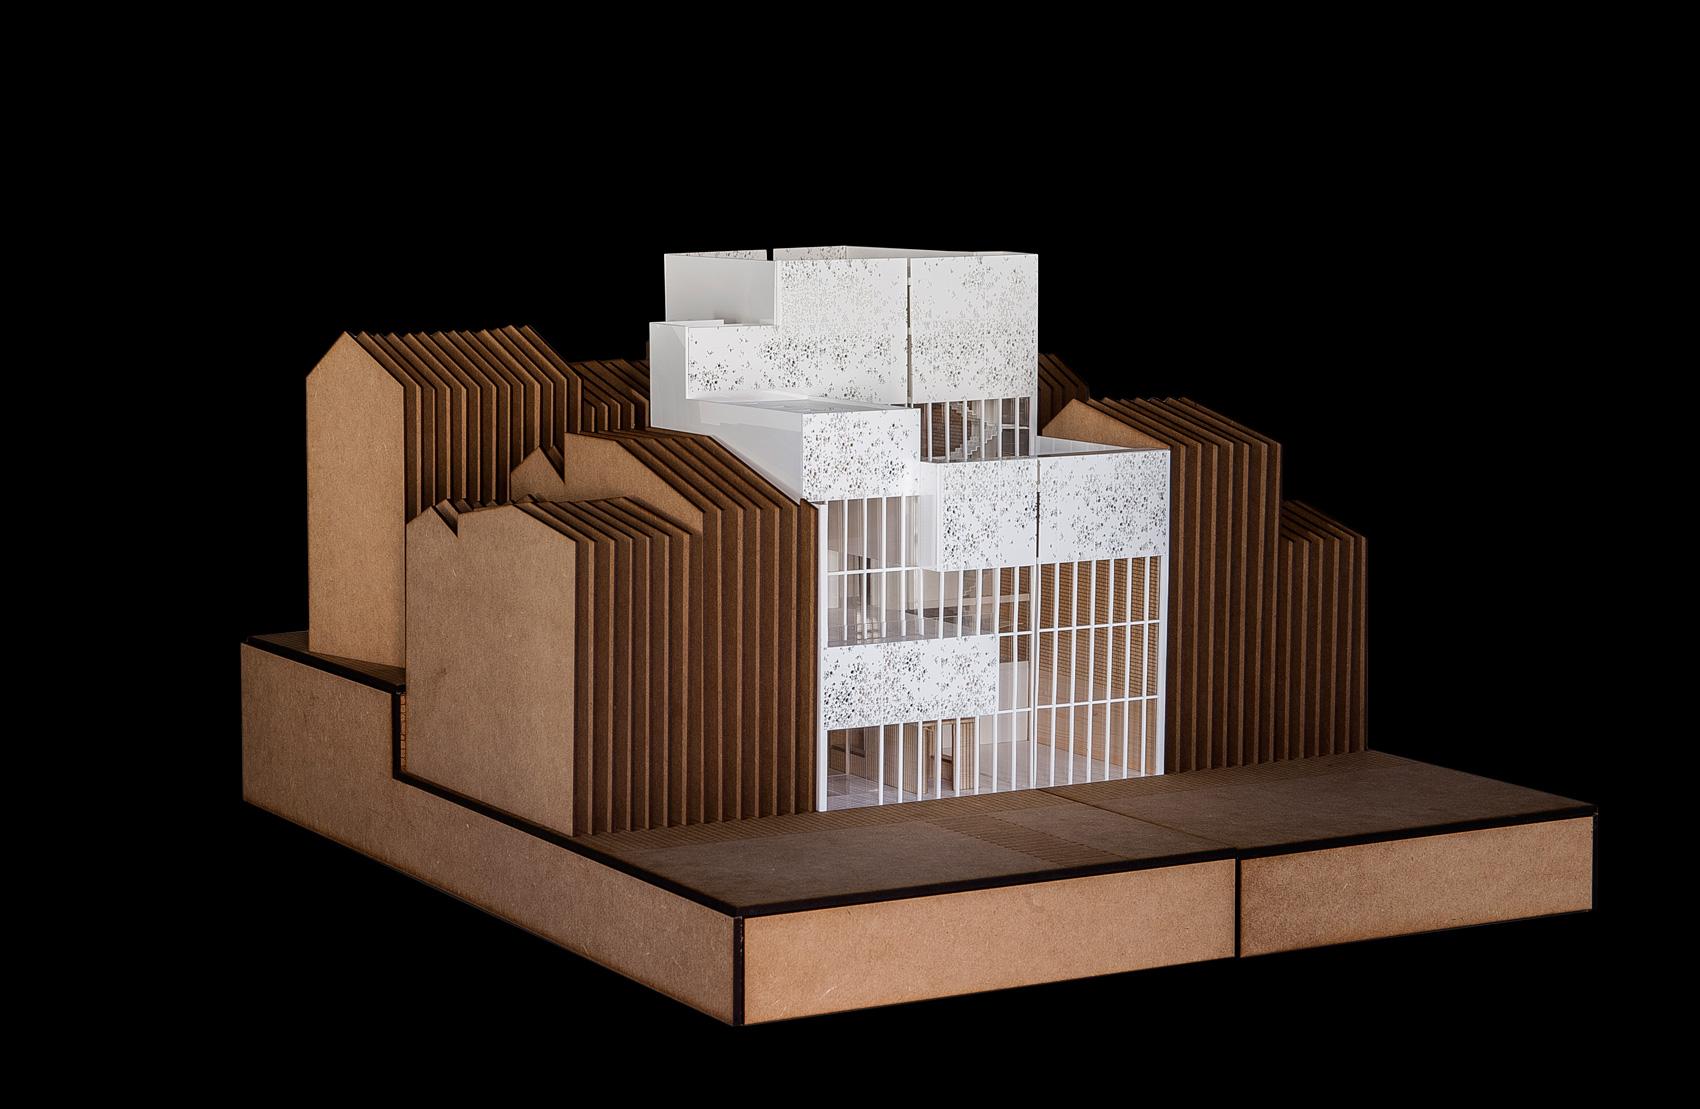 maqueta-arquitectura-concurso-valencia-seccionada-architecture-model-section- (5)